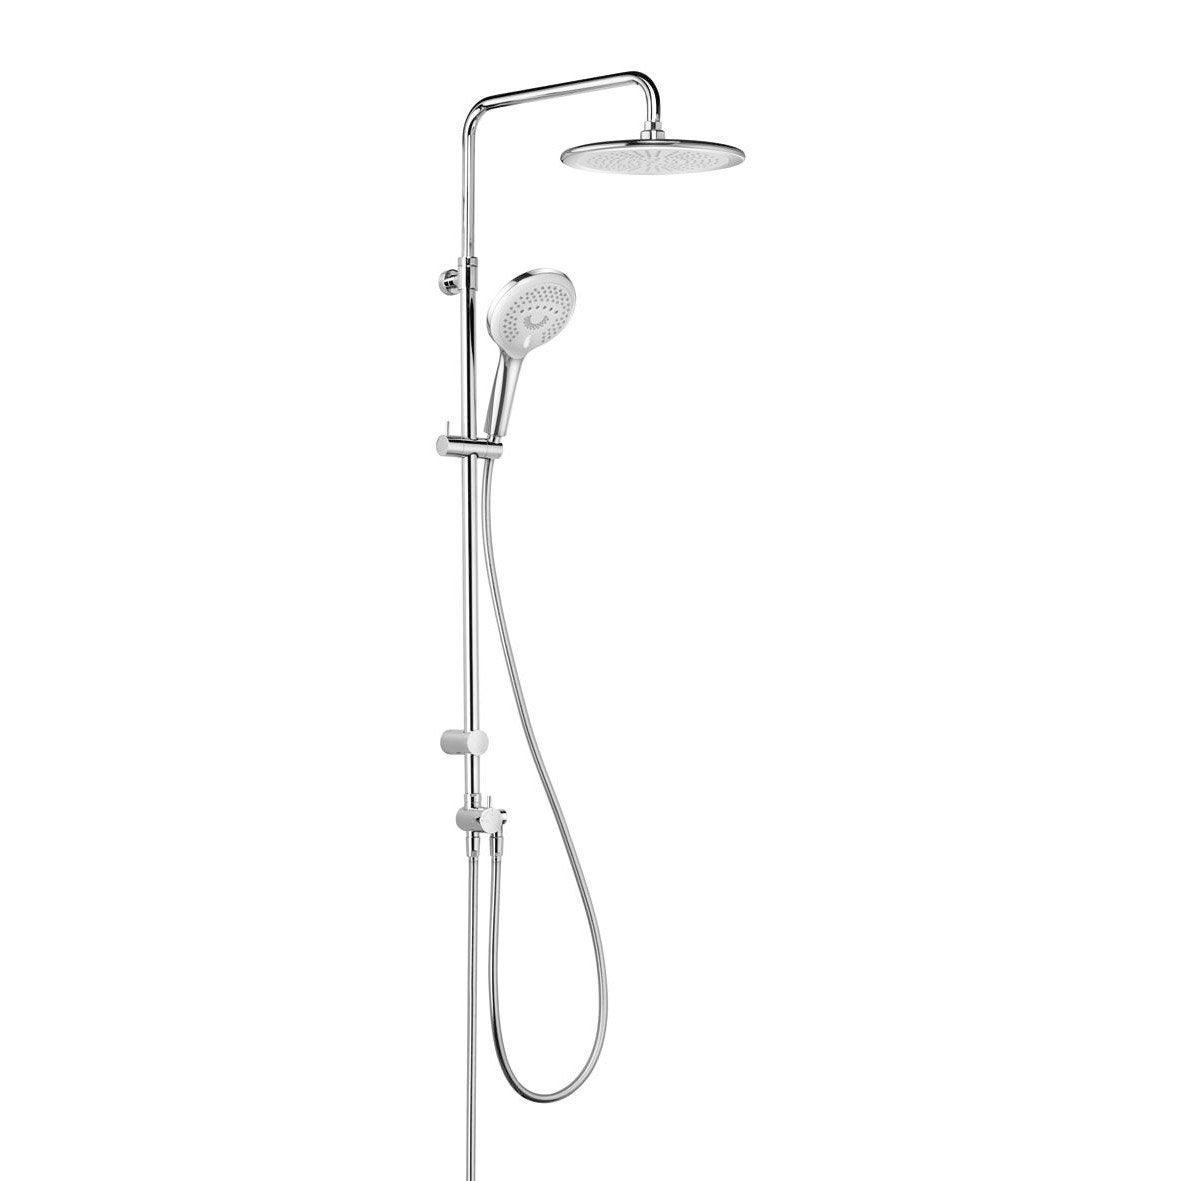 colonne de douche et bain sans robinetterie kludi d zire ultra plat leroy merlin. Black Bedroom Furniture Sets. Home Design Ideas